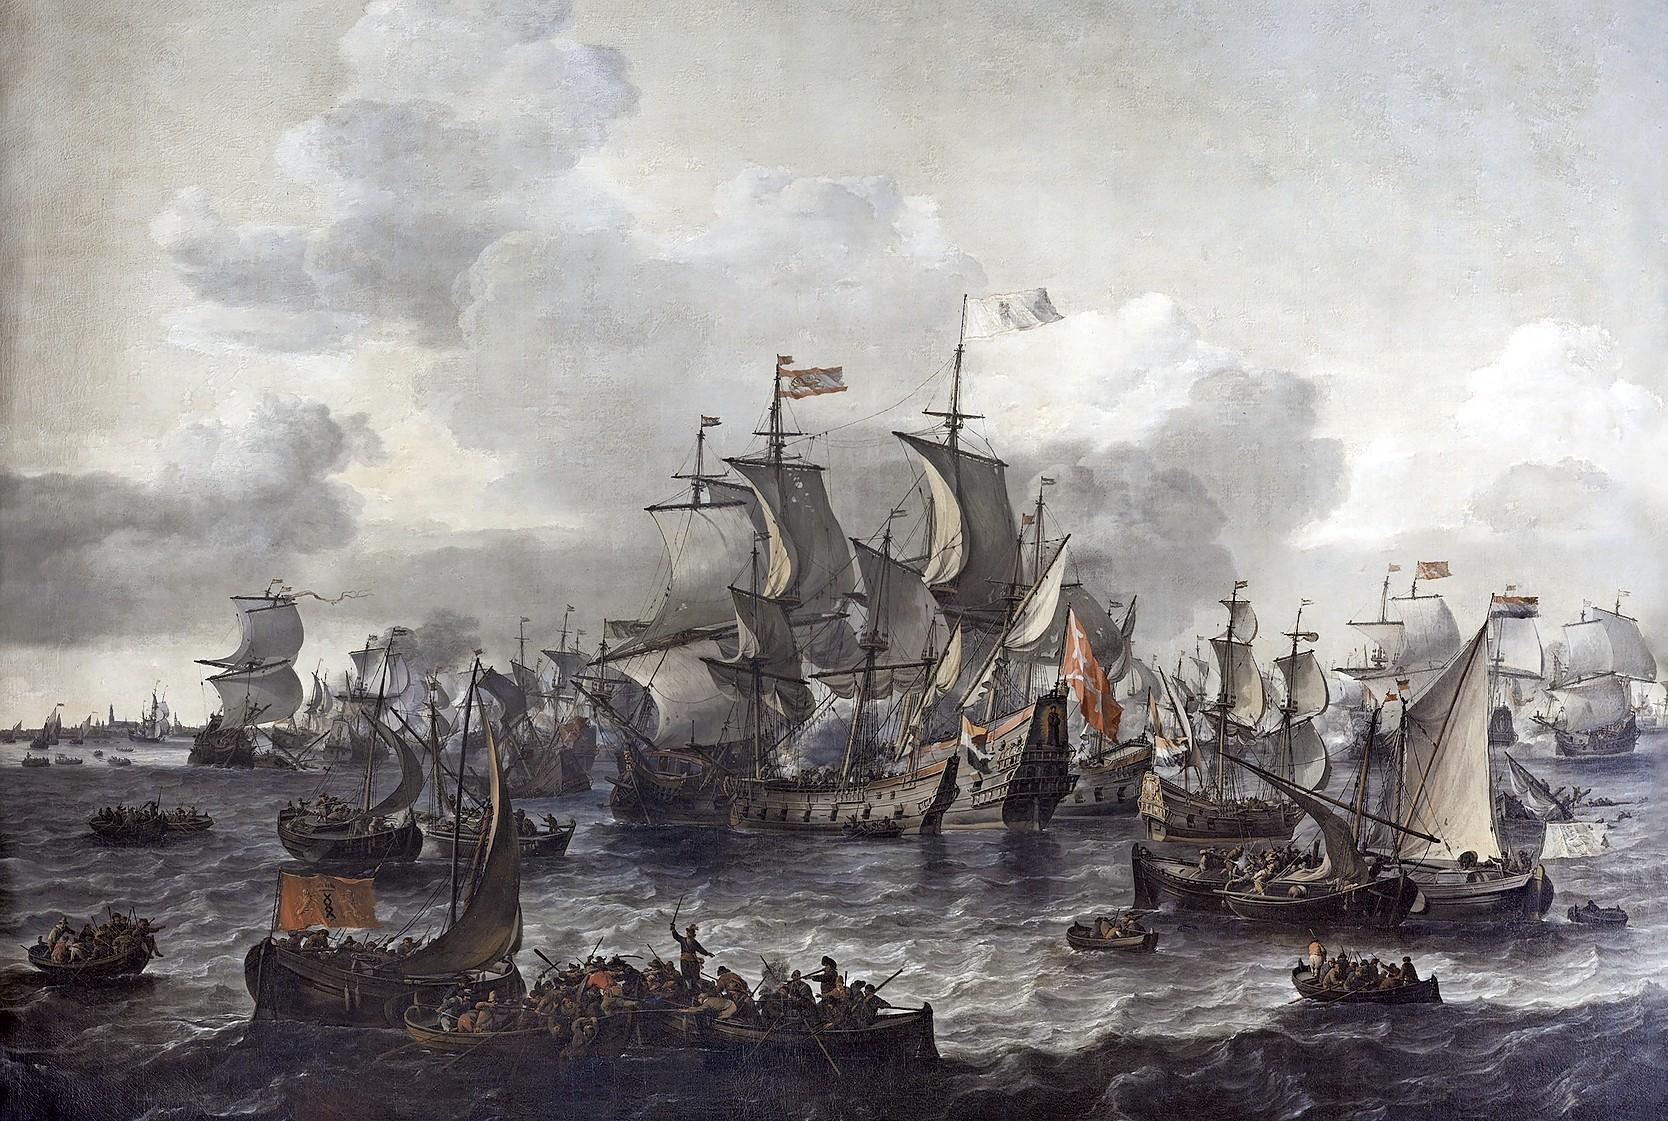 En toen, 850 jaar geleden, was daar opeens de Zuiderzee en zwom er een wijting in de stadsgracht